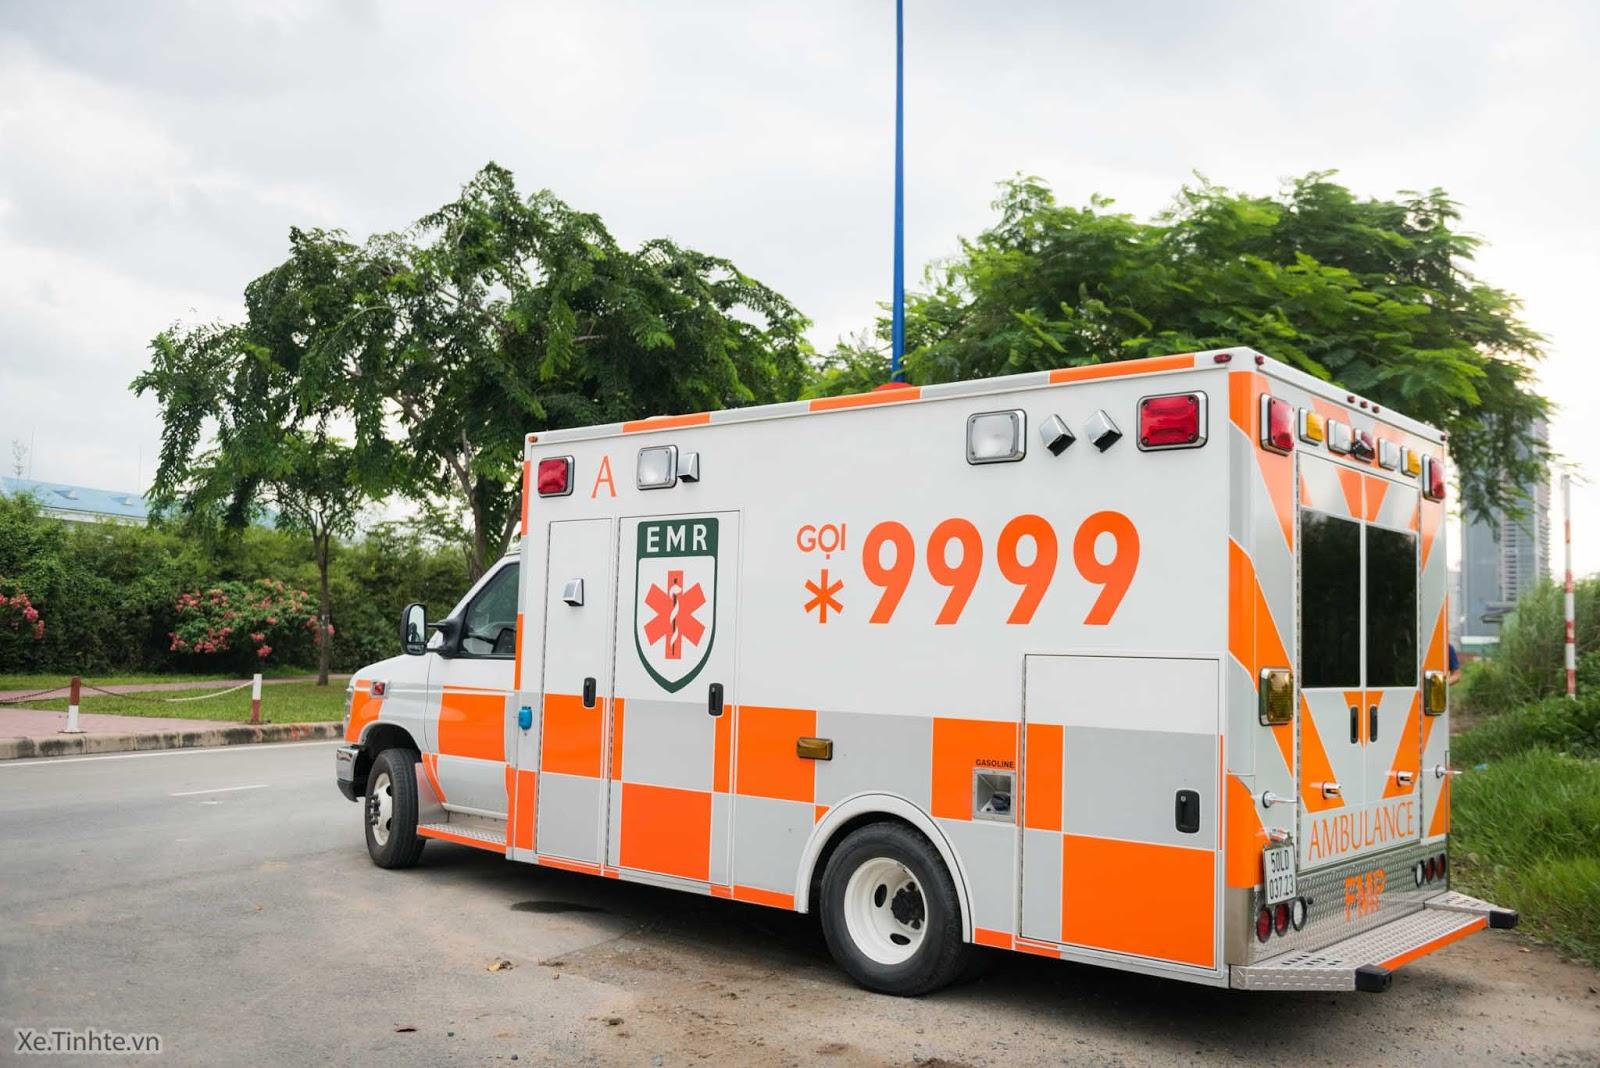 Dịch vụ xe cấp cứu Star 9999 tại TP.HCM bạn đã biết Dich vu cap cuu Star9999 43